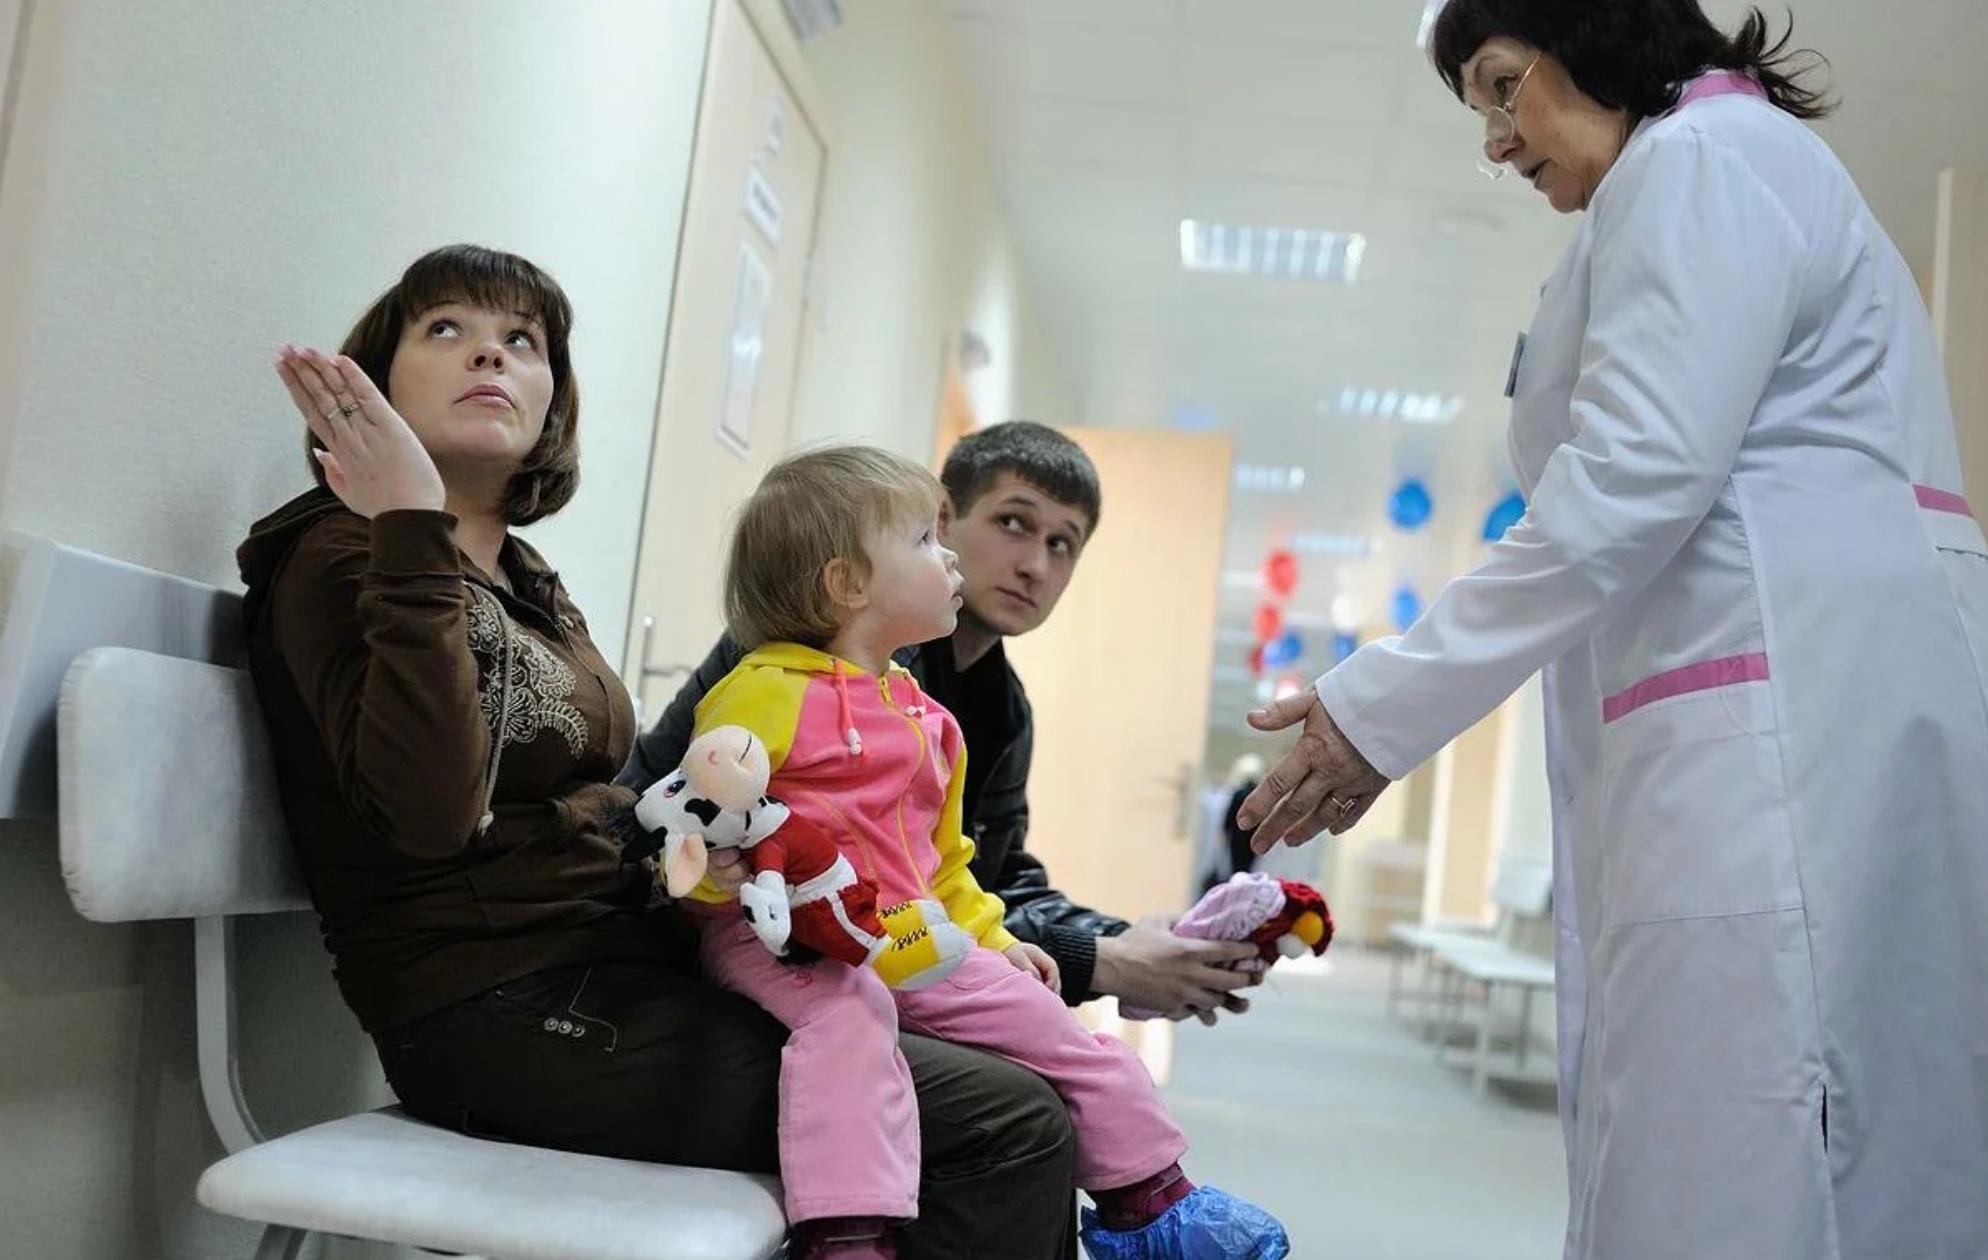 Детям-инвалидам могут дать право на прием без очереди в поликлинике